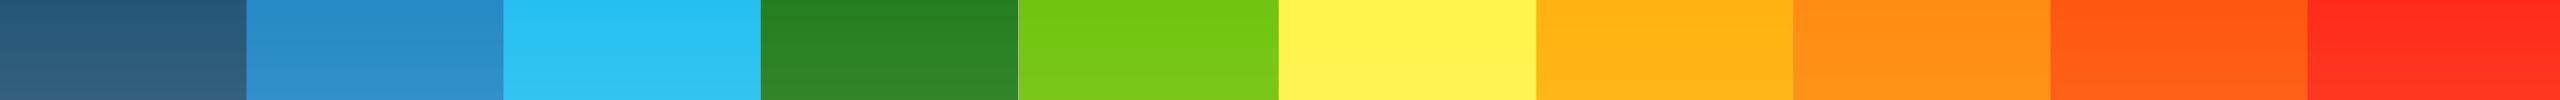 culori fotoreceptori